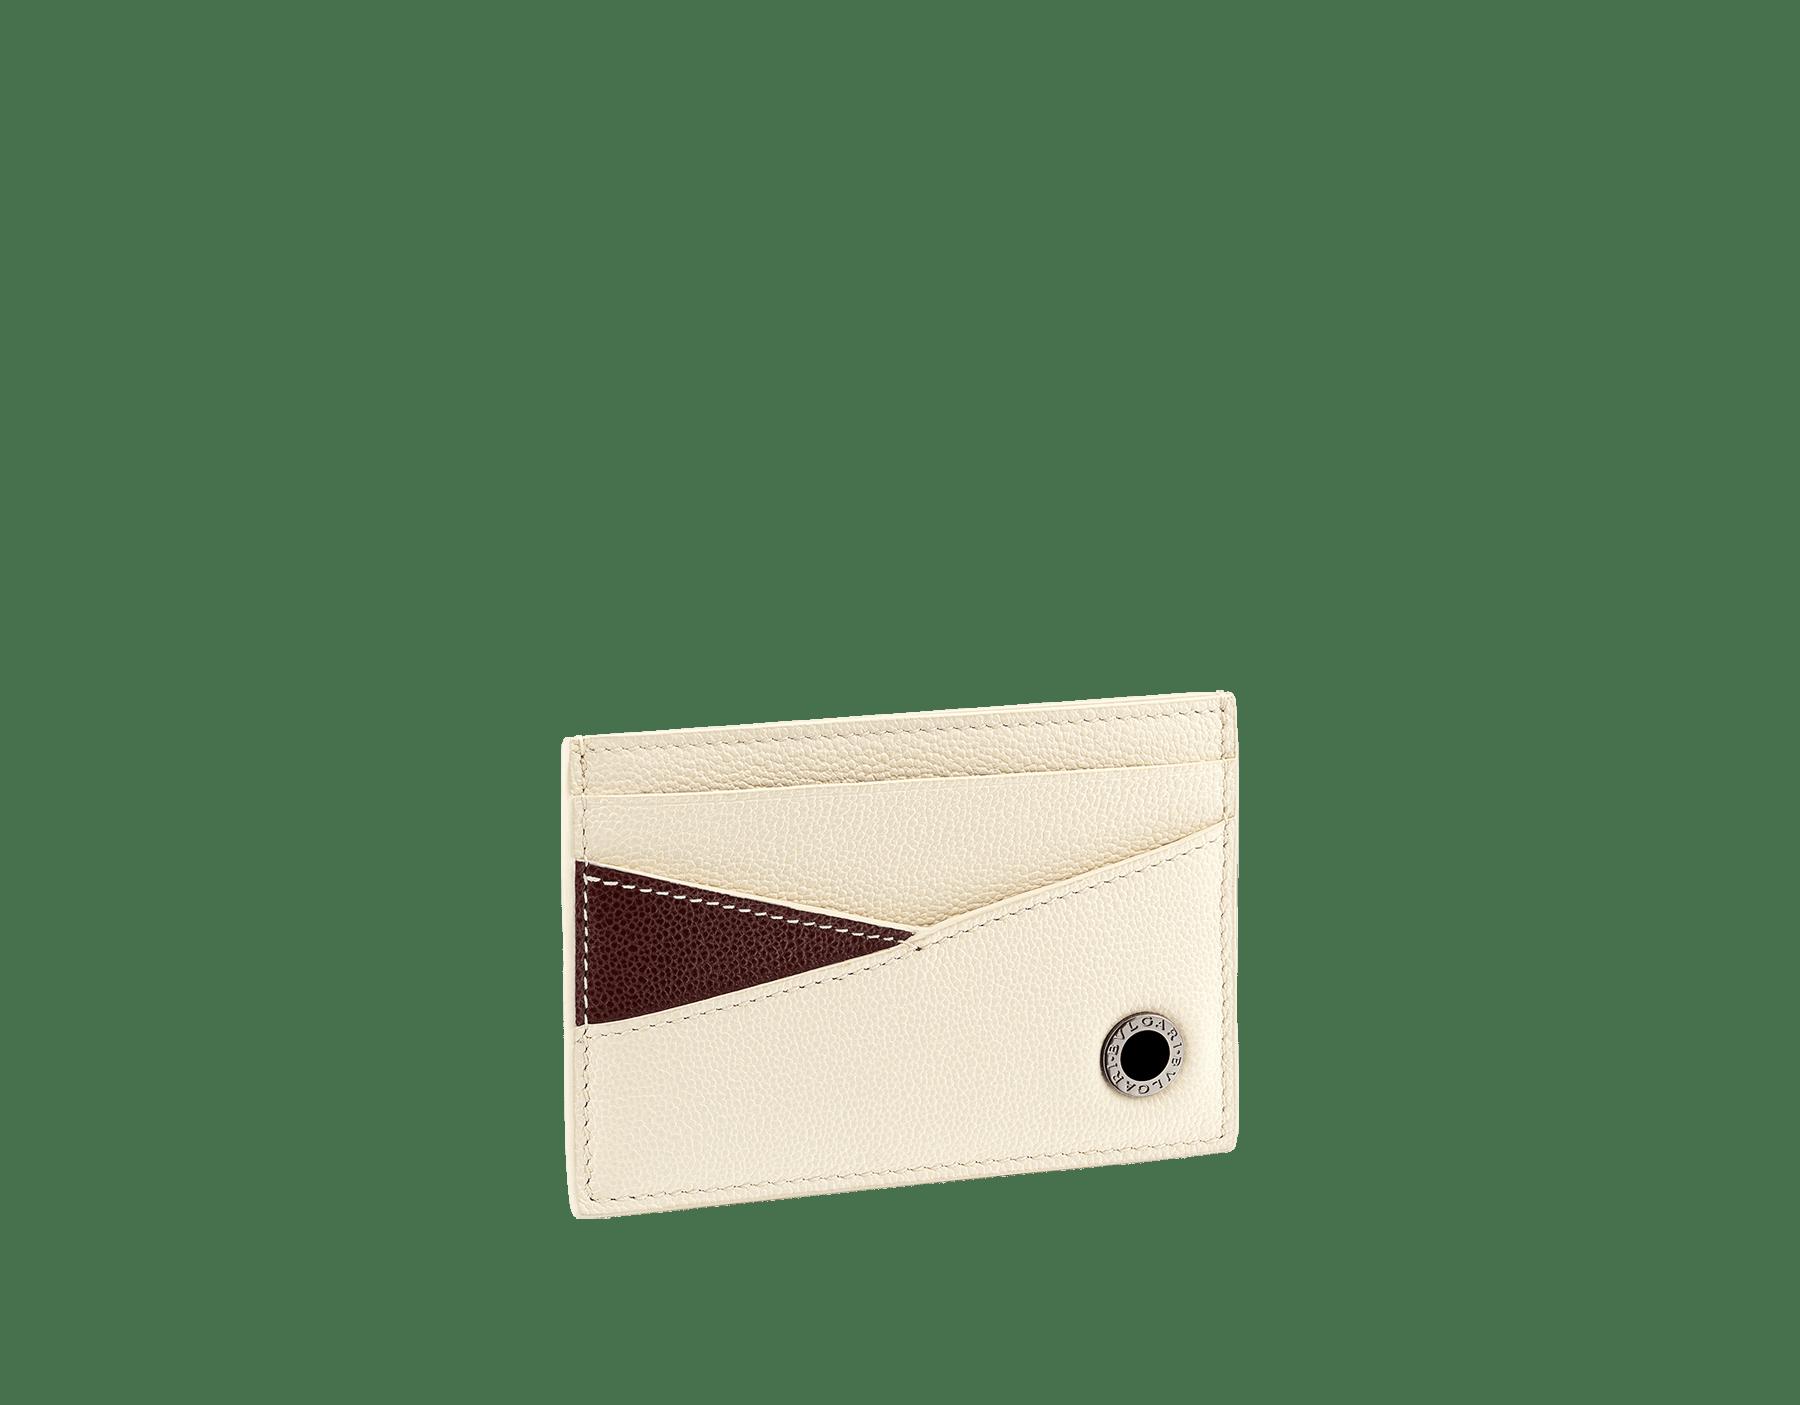 Мужской футляр для кредитных карт BVLGARI BVLGARI, зерненая кожа теленка черного цвета с узором Urban, зеленая зерненая кожа теленка оттенка Forest Emerald с узором Urban. Фирменный декор в виде логотипа из латуни с покрытием из темного рутения, черная эмаль. BBM-CCHOLDERASYM image 1